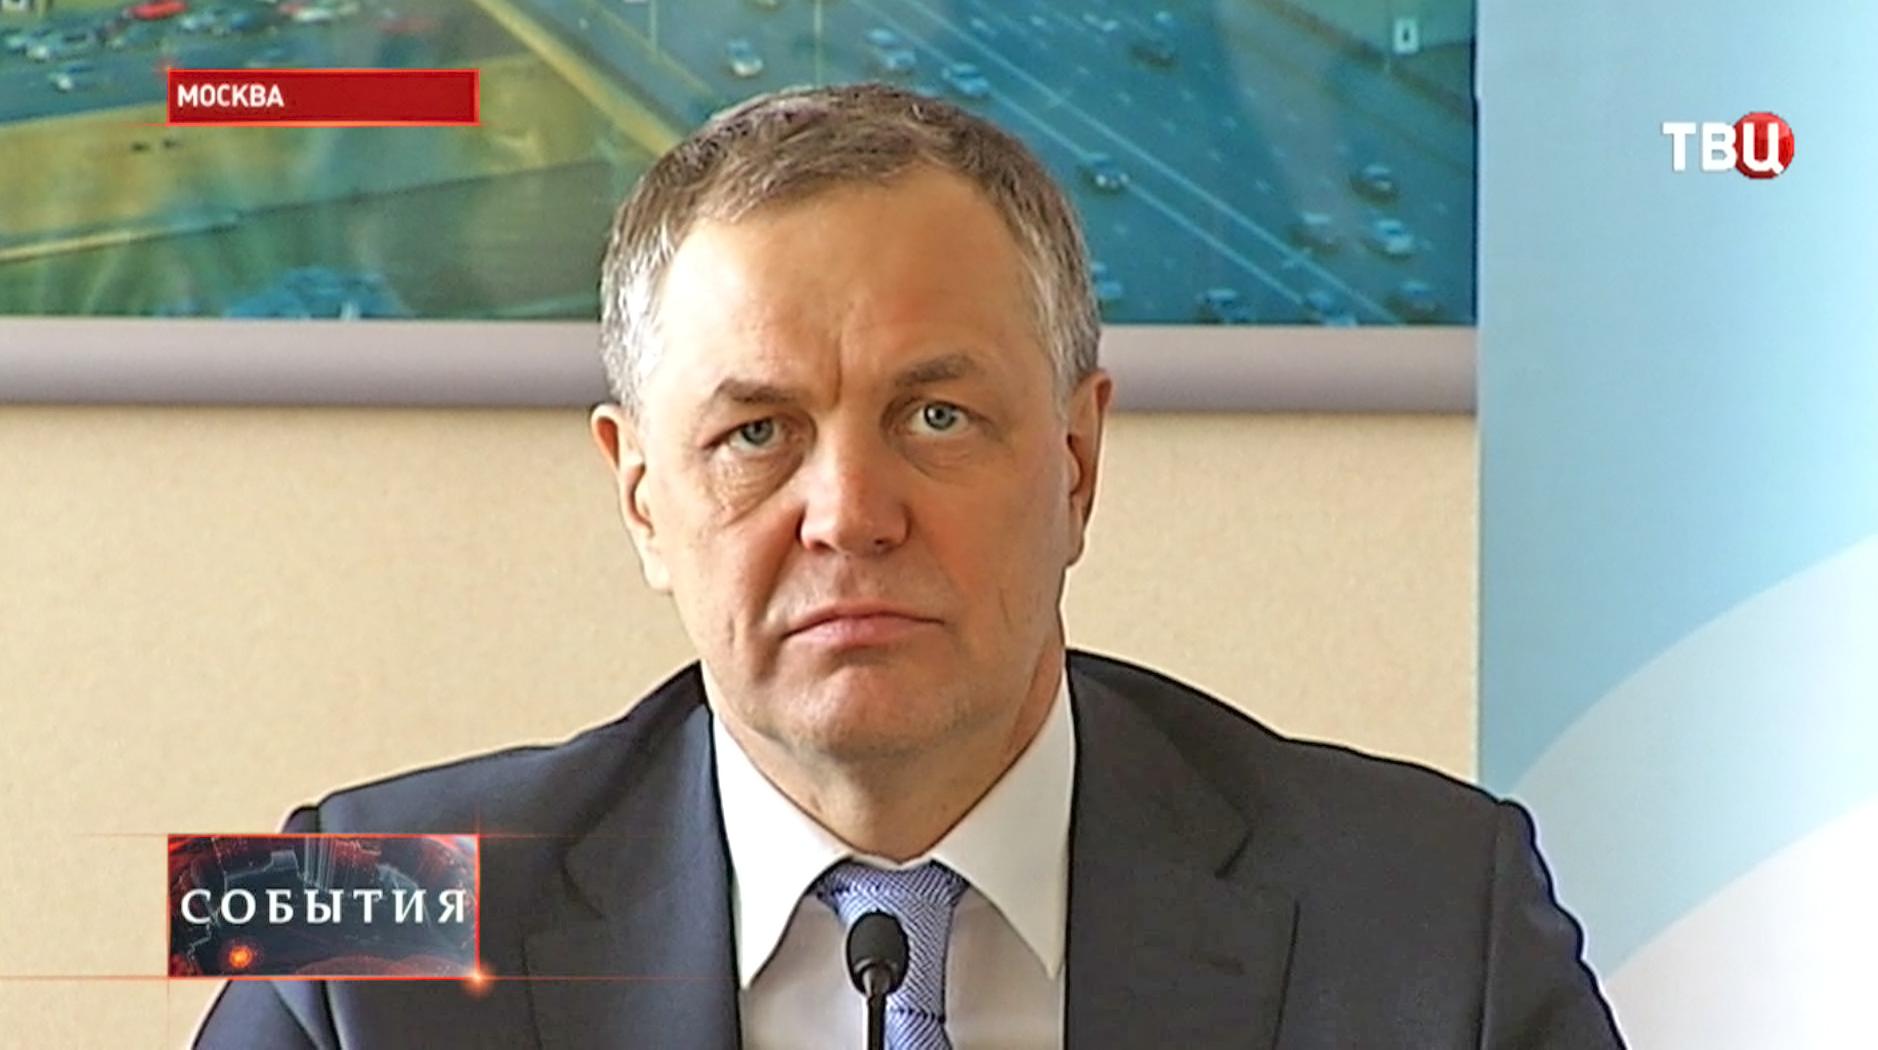 руководитель Департамента развития новых территорий Москвы Владимир Жидкин